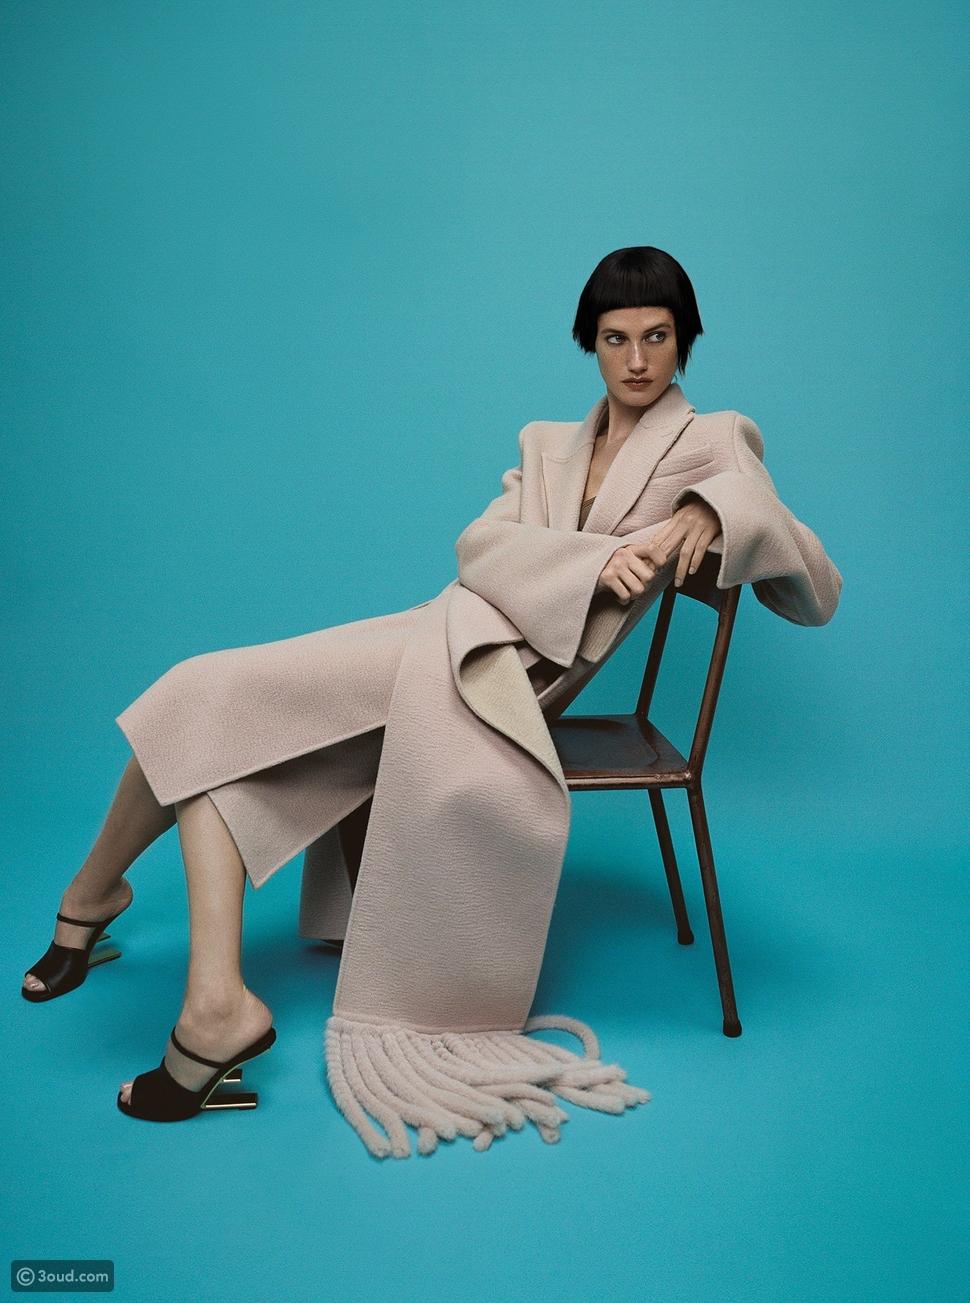 معطف ، توب ، تنورة ، وحذاء FENDI